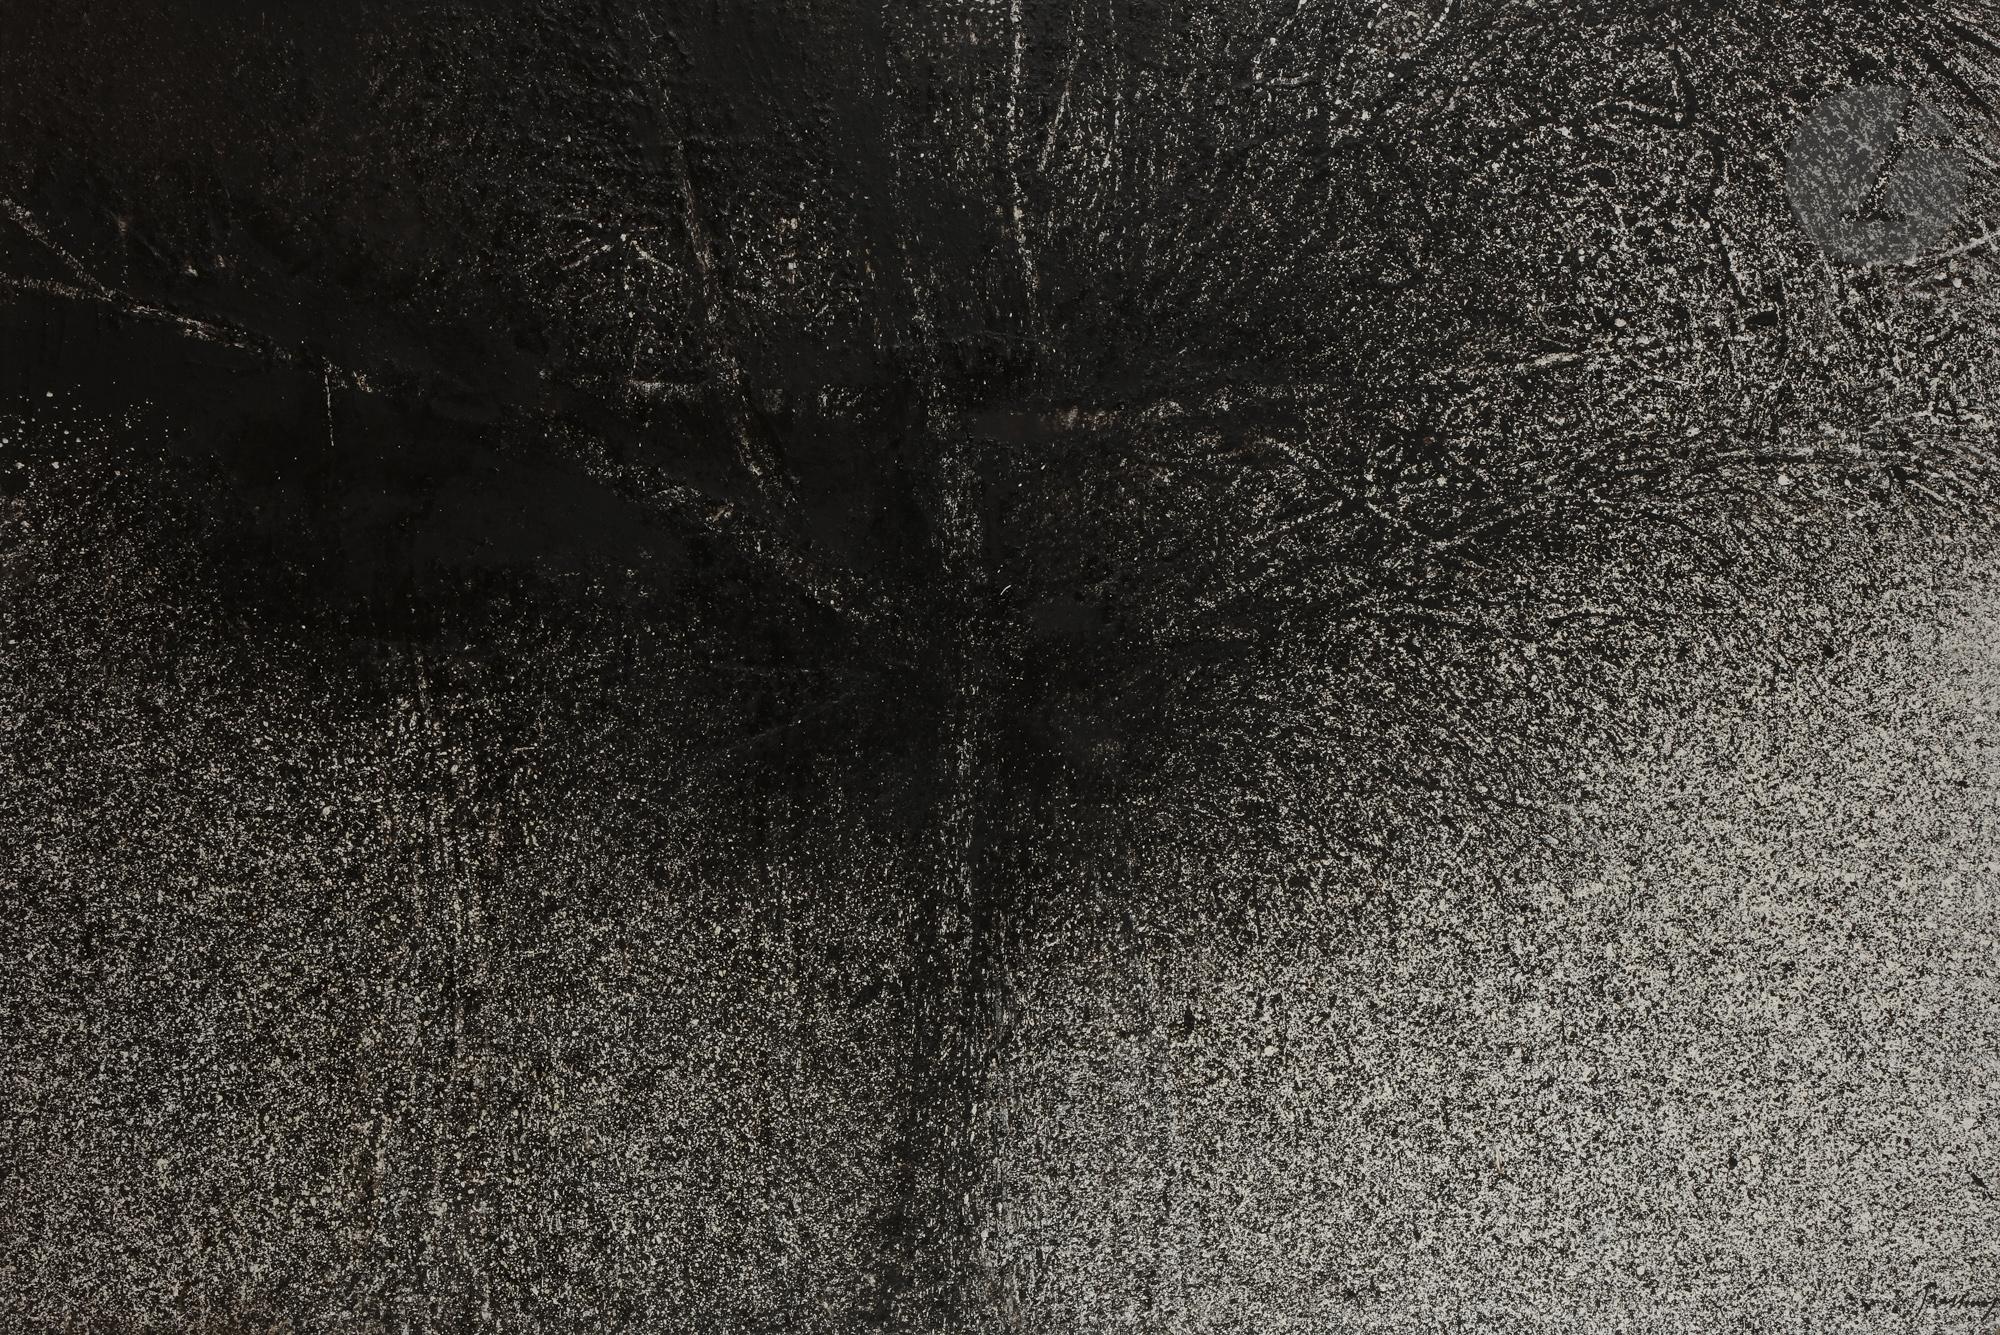 Lot 31 - Mario PRASSINOS (1916-1985) Grand arbre, 1981 Huile sur toile. Signée en bas à droite. Datée et